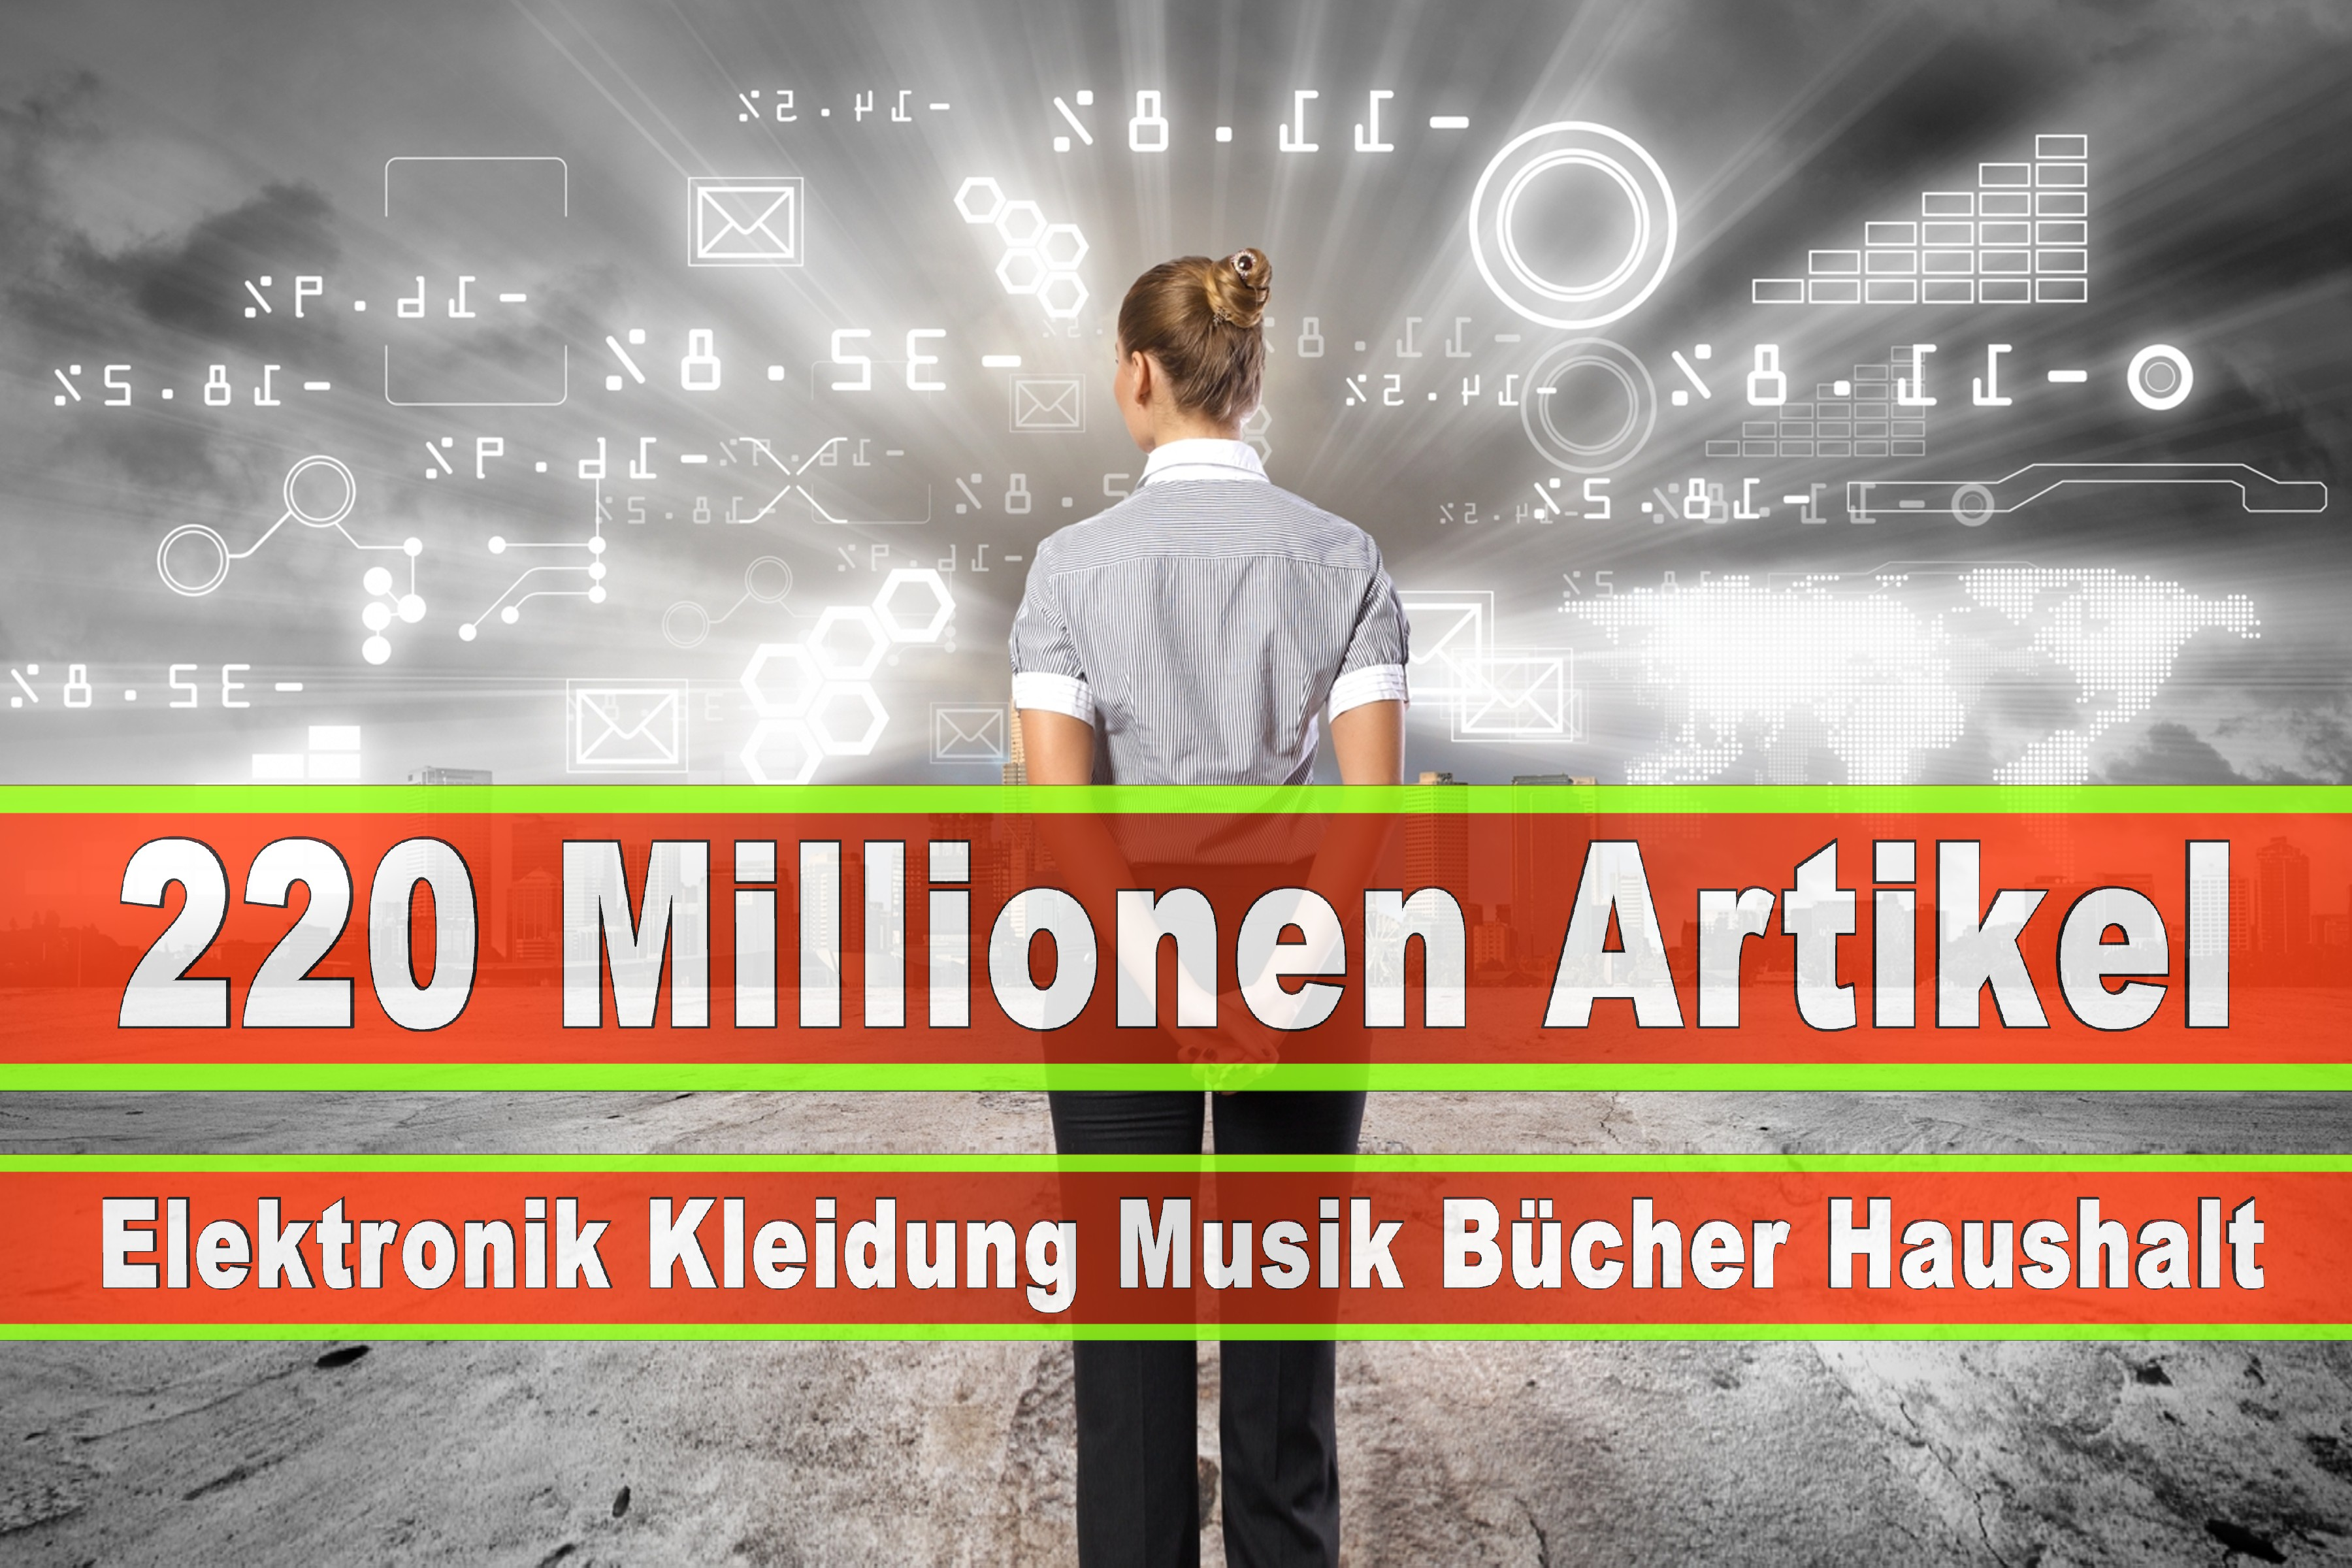 Amazon Elektronik Musik Haushalt Bücher CD DVD Handys Smartphones TV Television Fernseher Kleidung Mode Ebay Versandhaus (164)